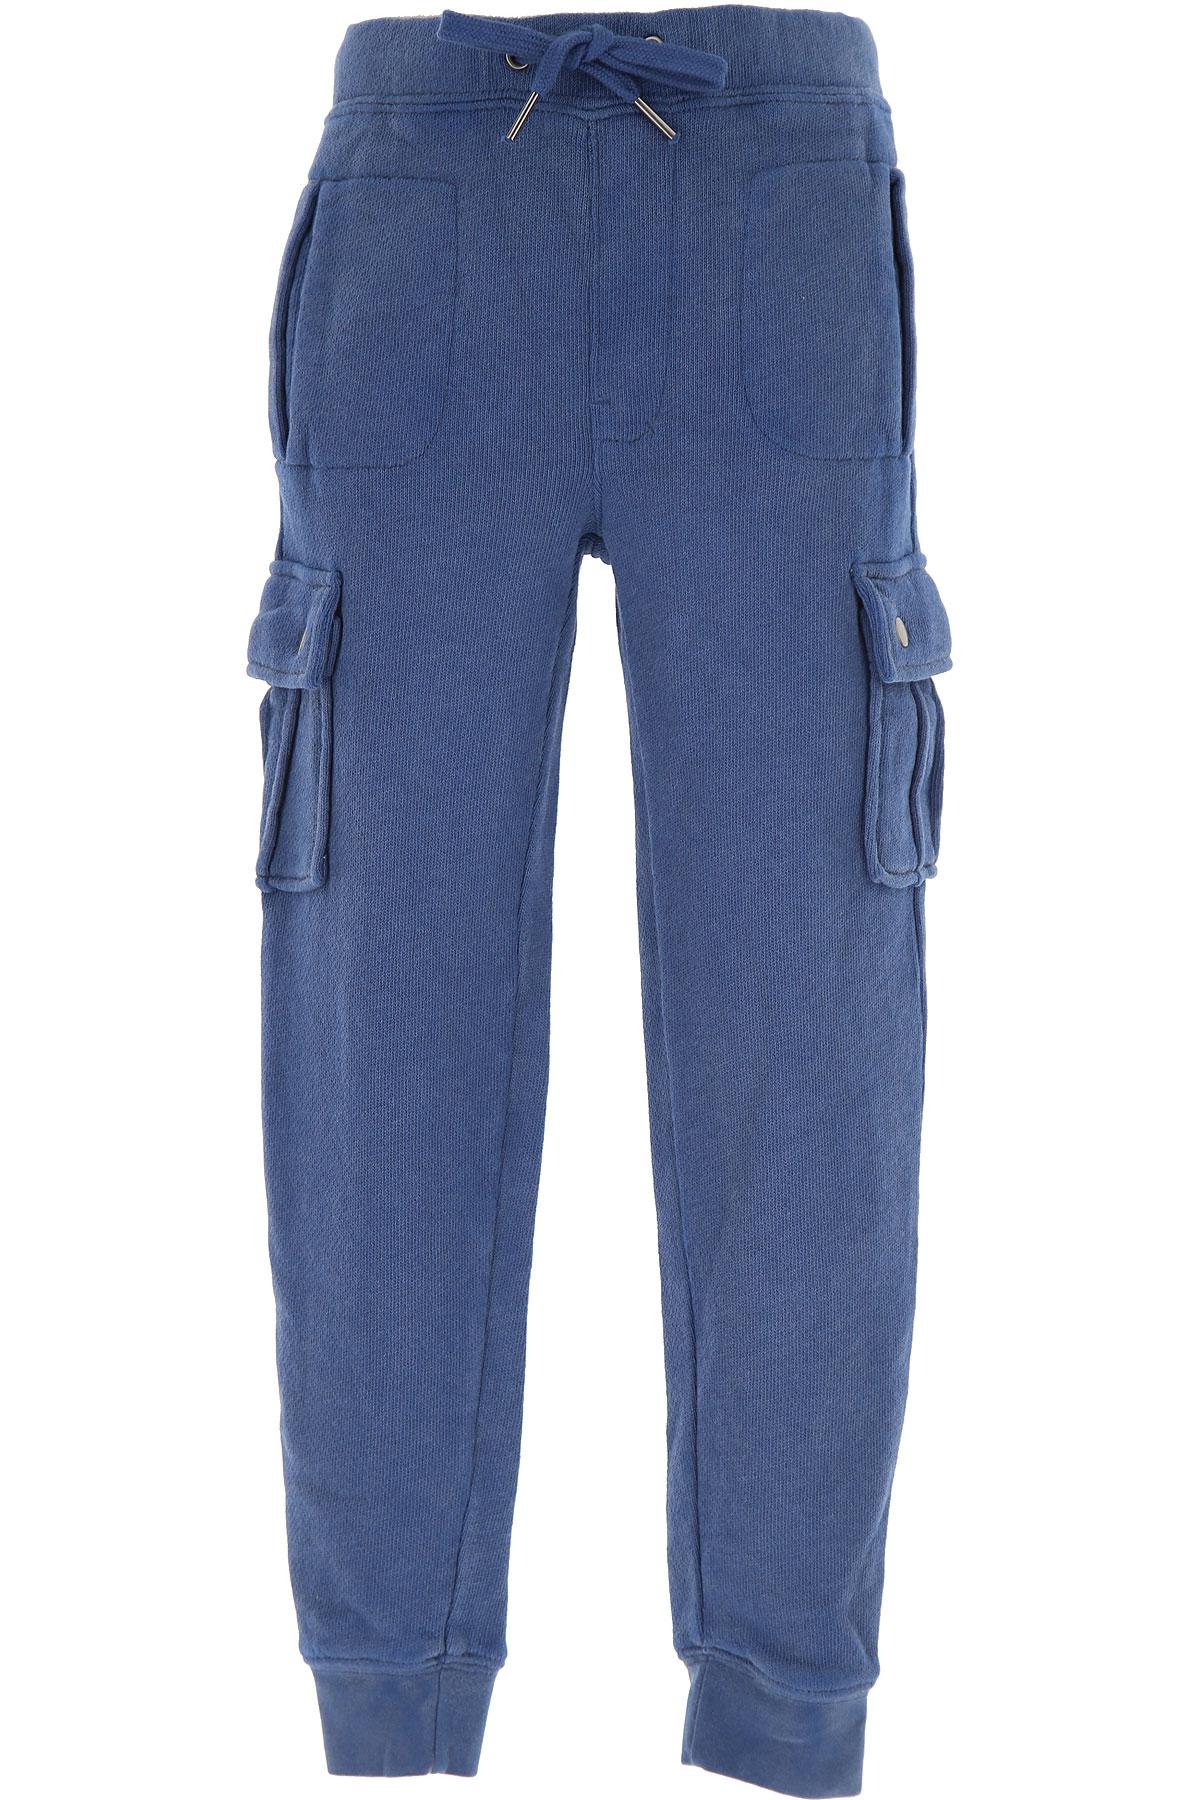 Sun68 Kids Sweatpants for Boys On Sale, Blue, Cotton, 2019, 4Y 6Y